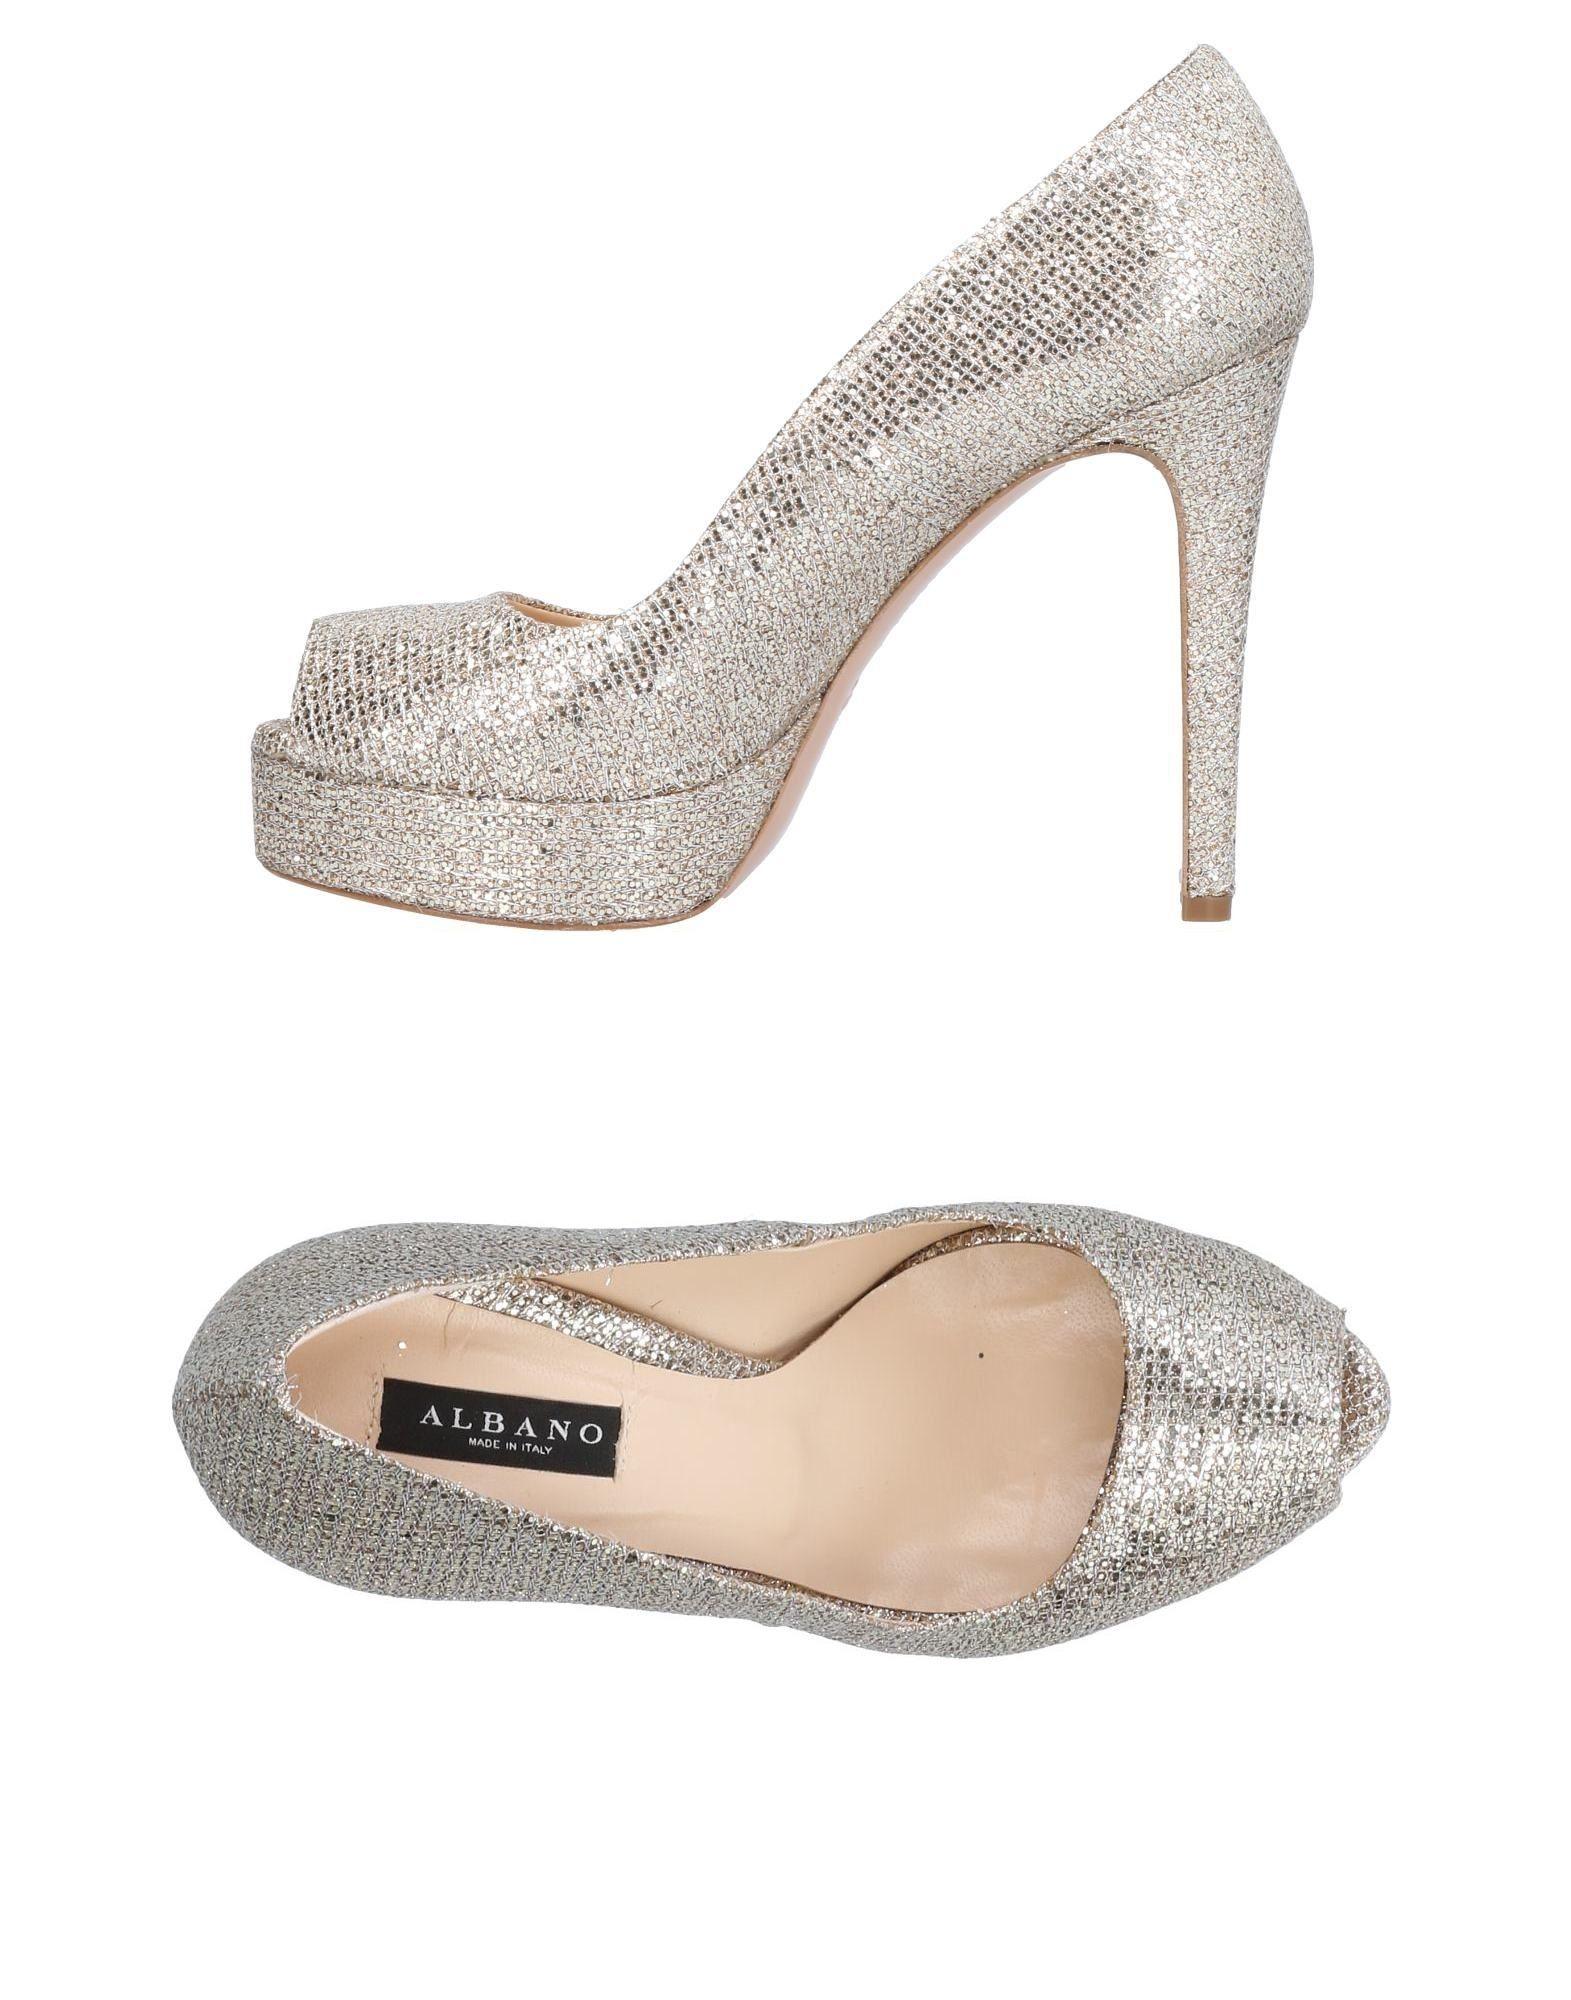 цены на ALBANO Туфли в интернет-магазинах